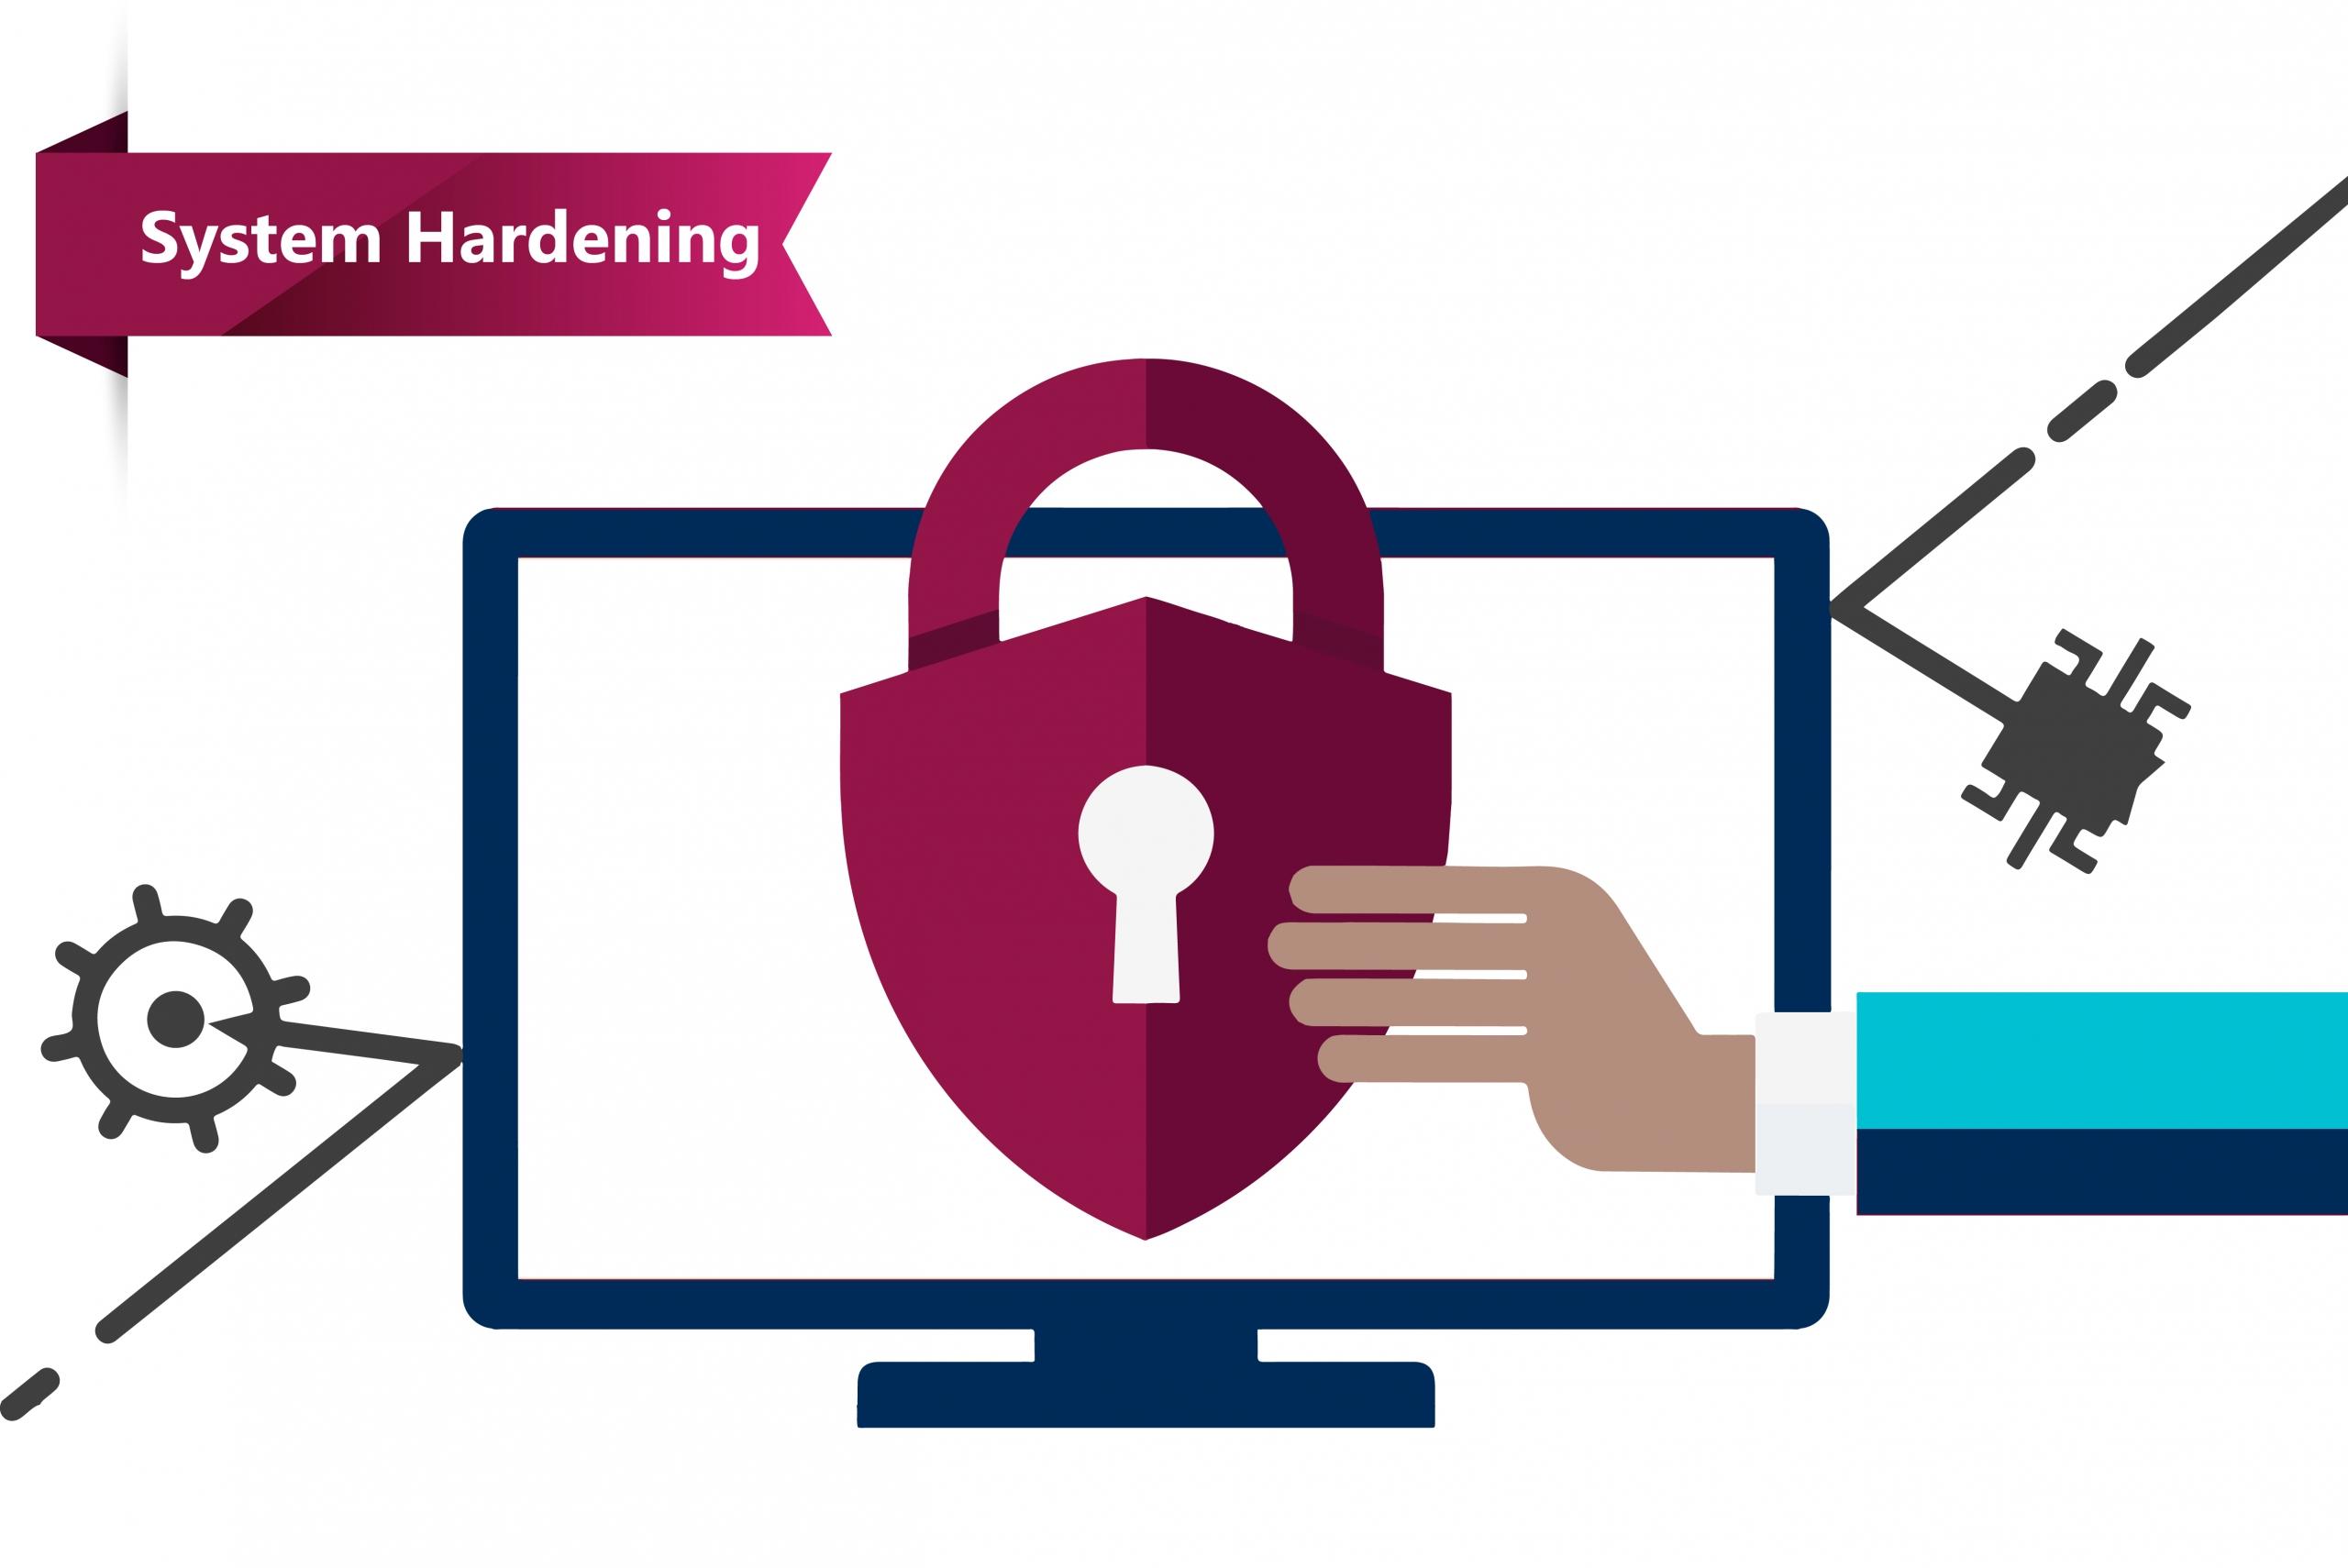 امن سازی سیستم(System Hardening)